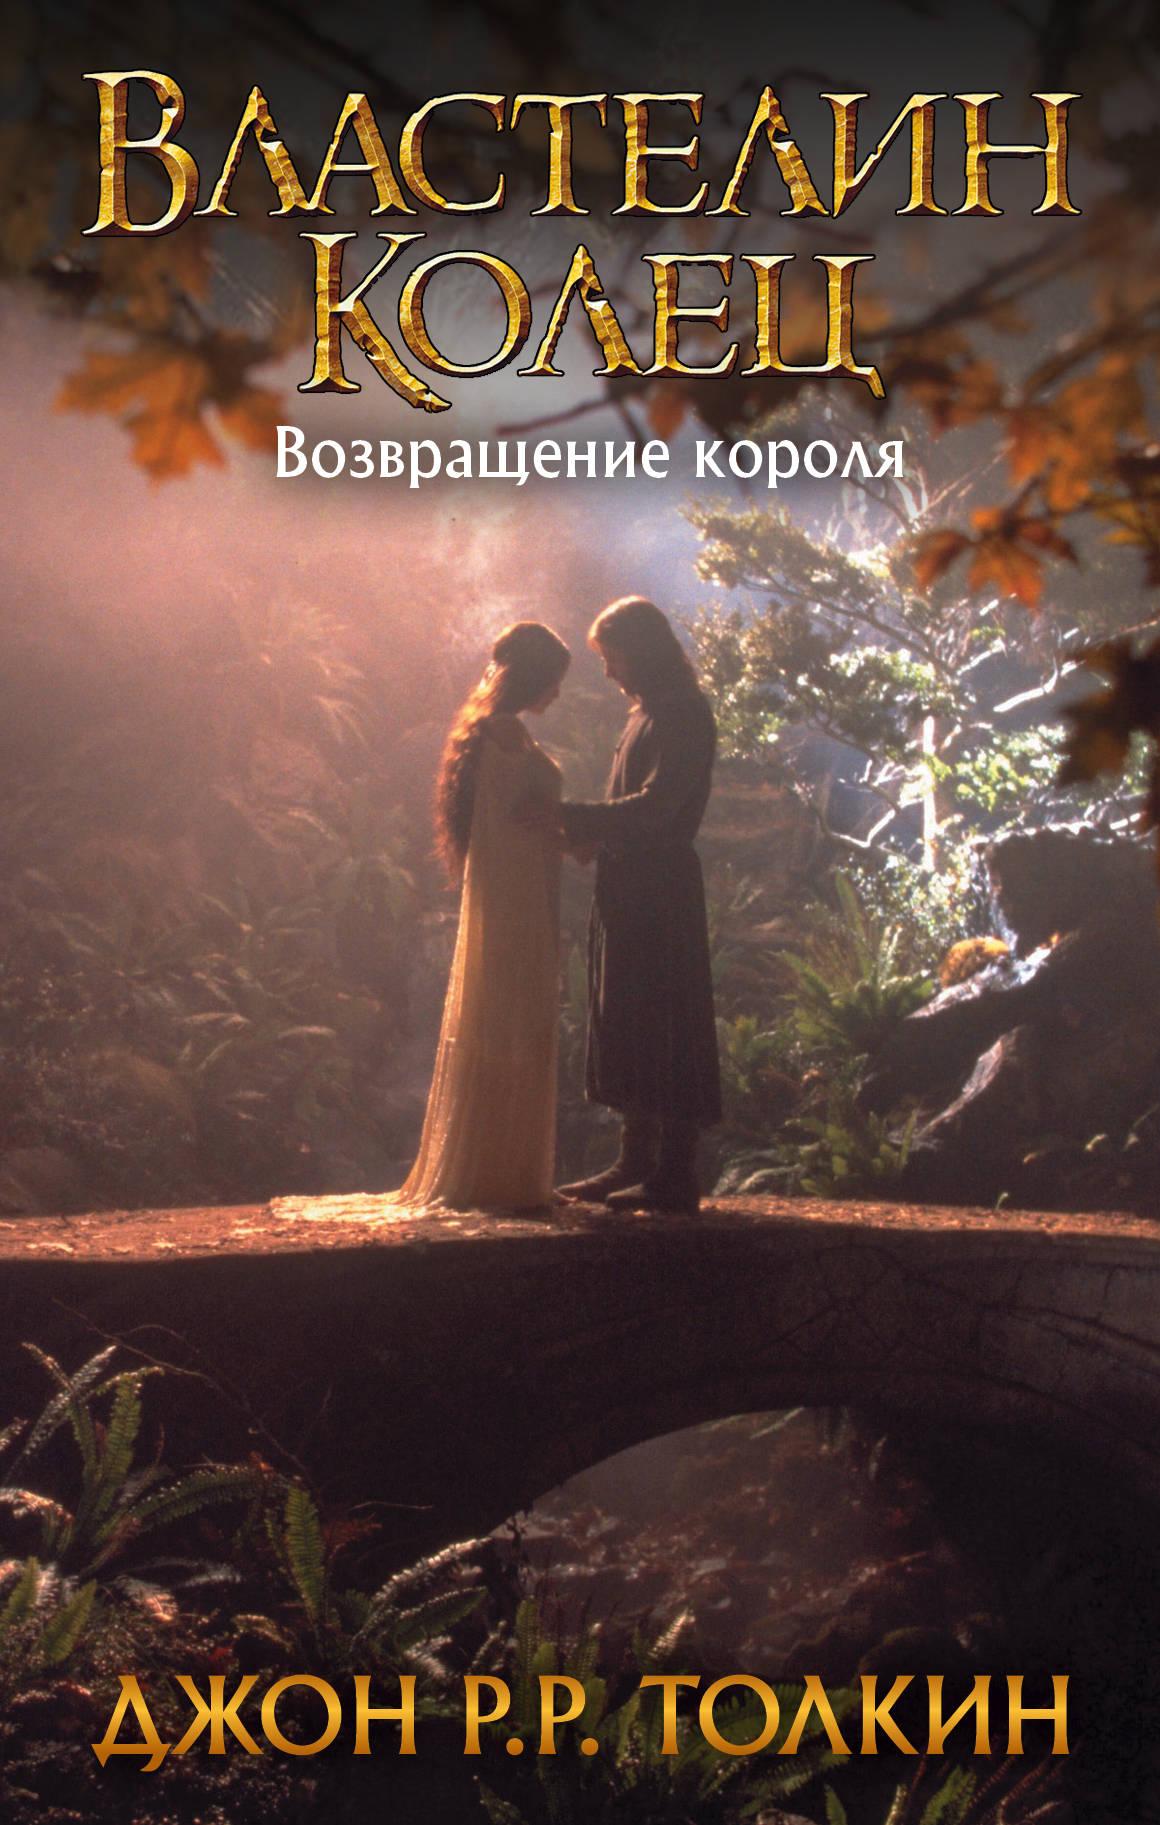 Джон Р. Р. Толкин Властелин Колец. Возвращение короля органный мир фэнтези хогвартс и властелин колец 2018 12 29t15 00